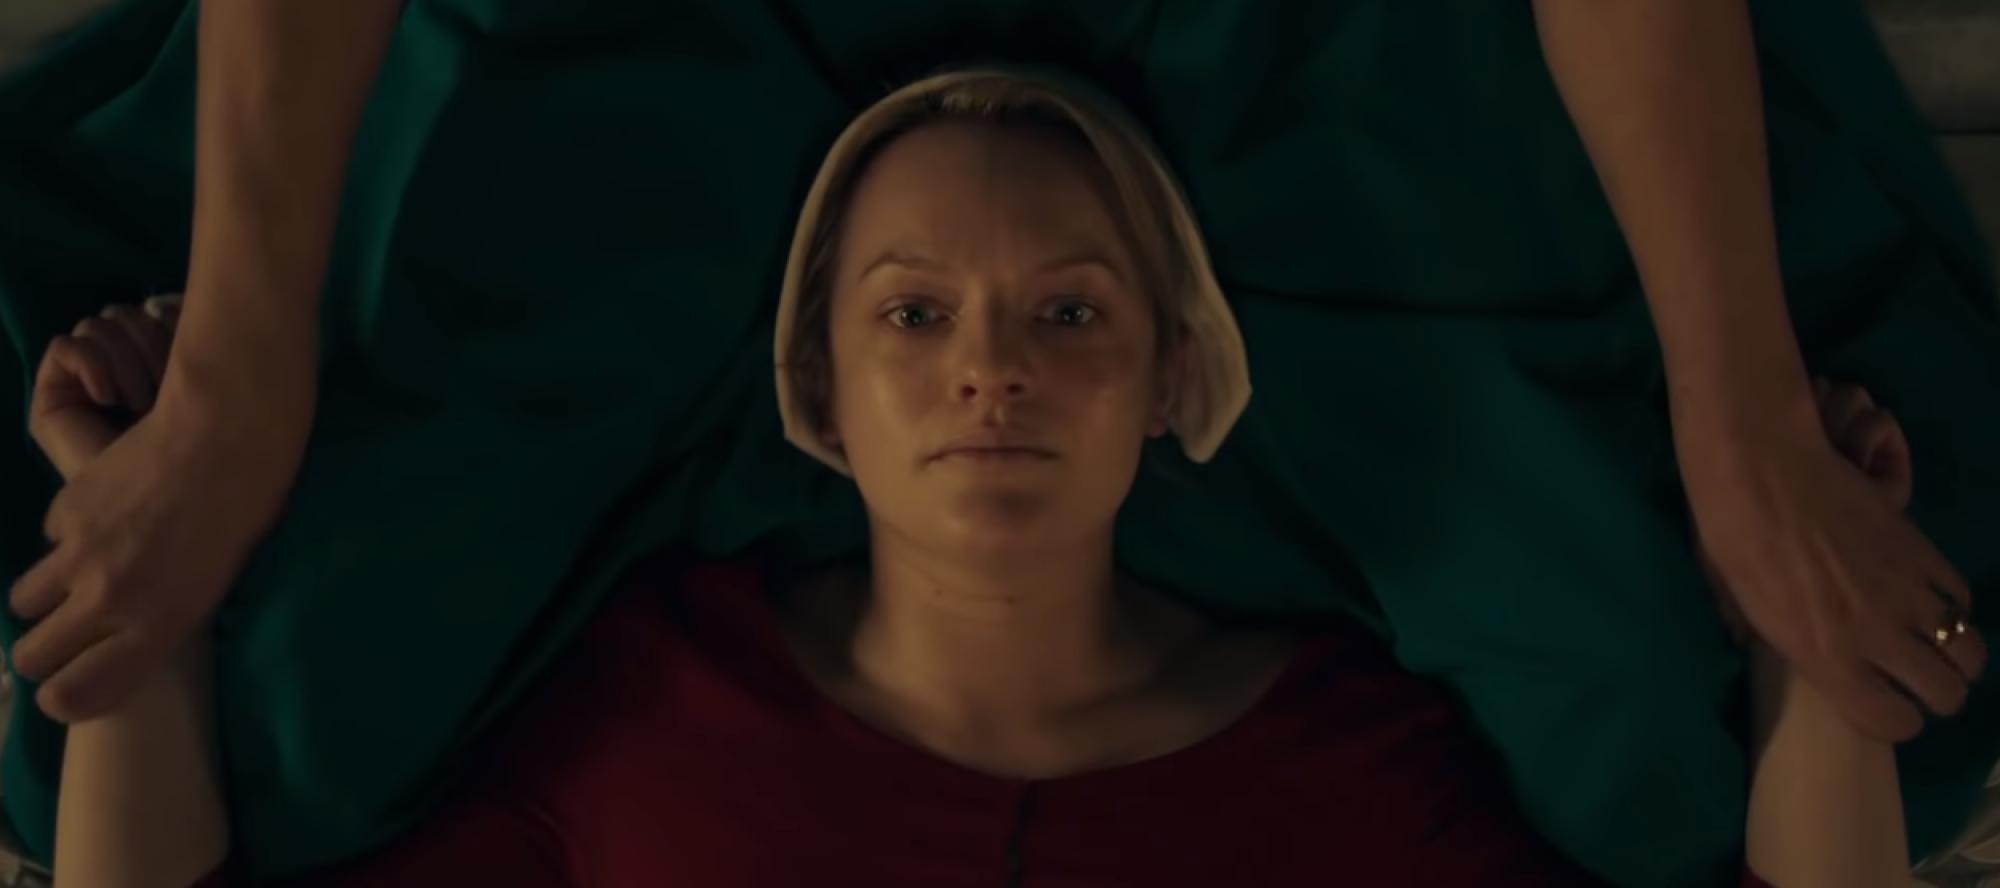 Элизабет Мосс дебютирует в режиссуре